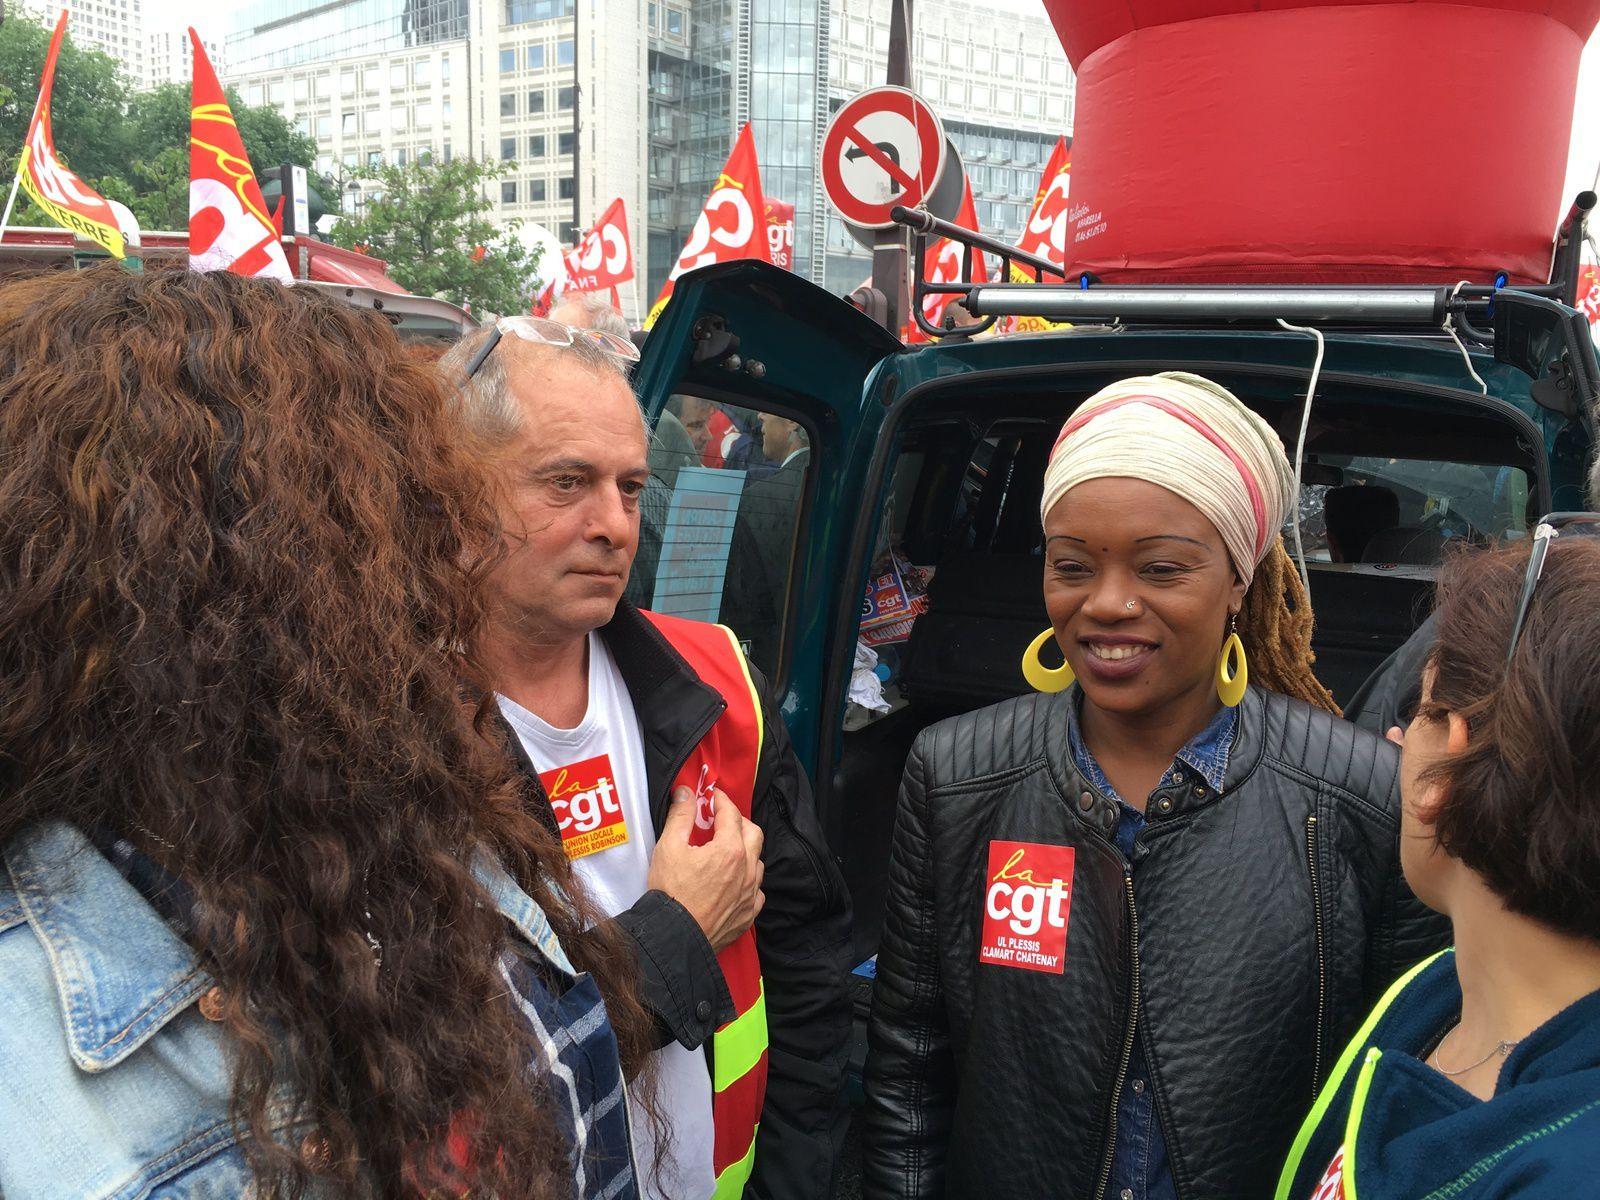 14 juin: la CGT Korian dans la rue contre la loi travail!